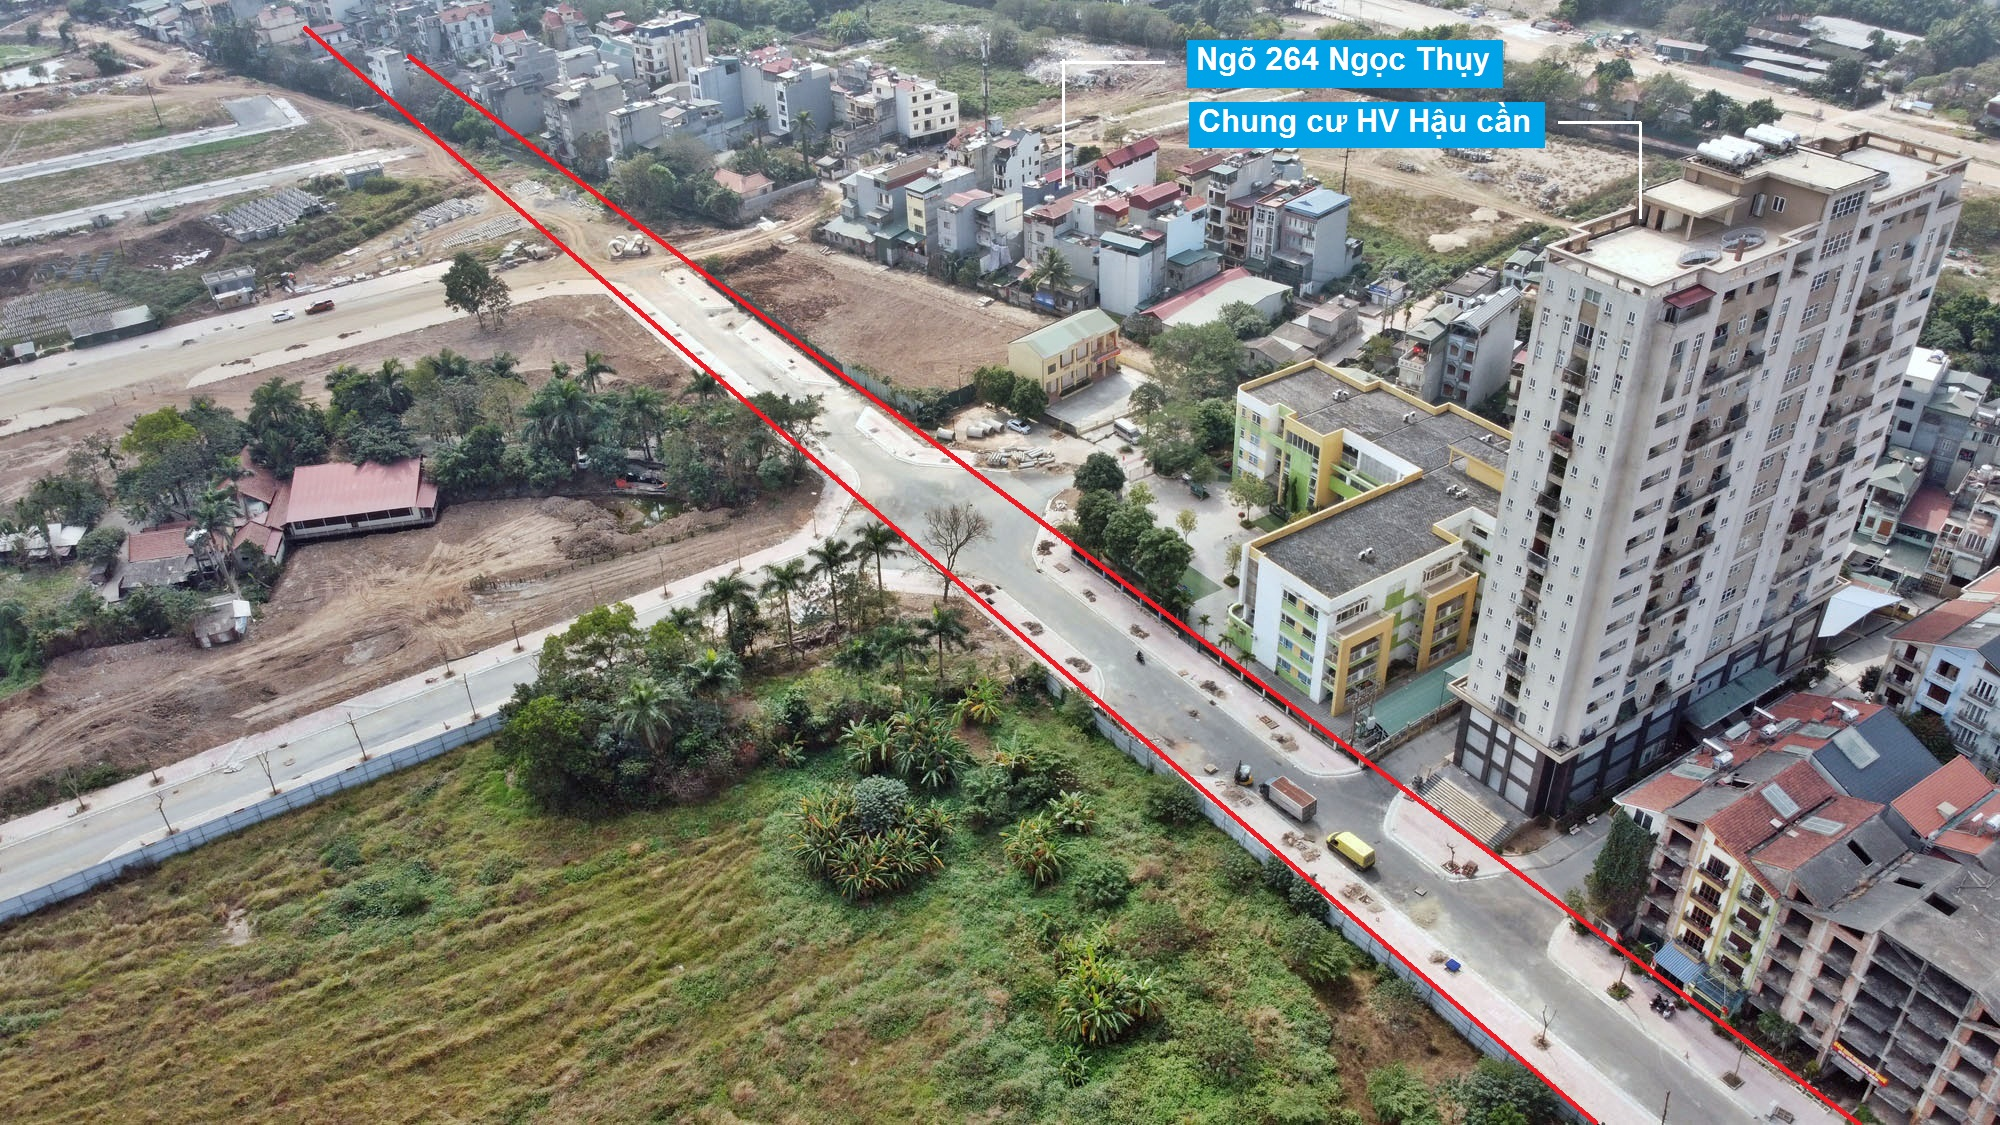 Ba đường mở theo quy hoạch ở phường Ngọc Thụy, Long Biên, Hà Nội (phần 3) - Ảnh 11.